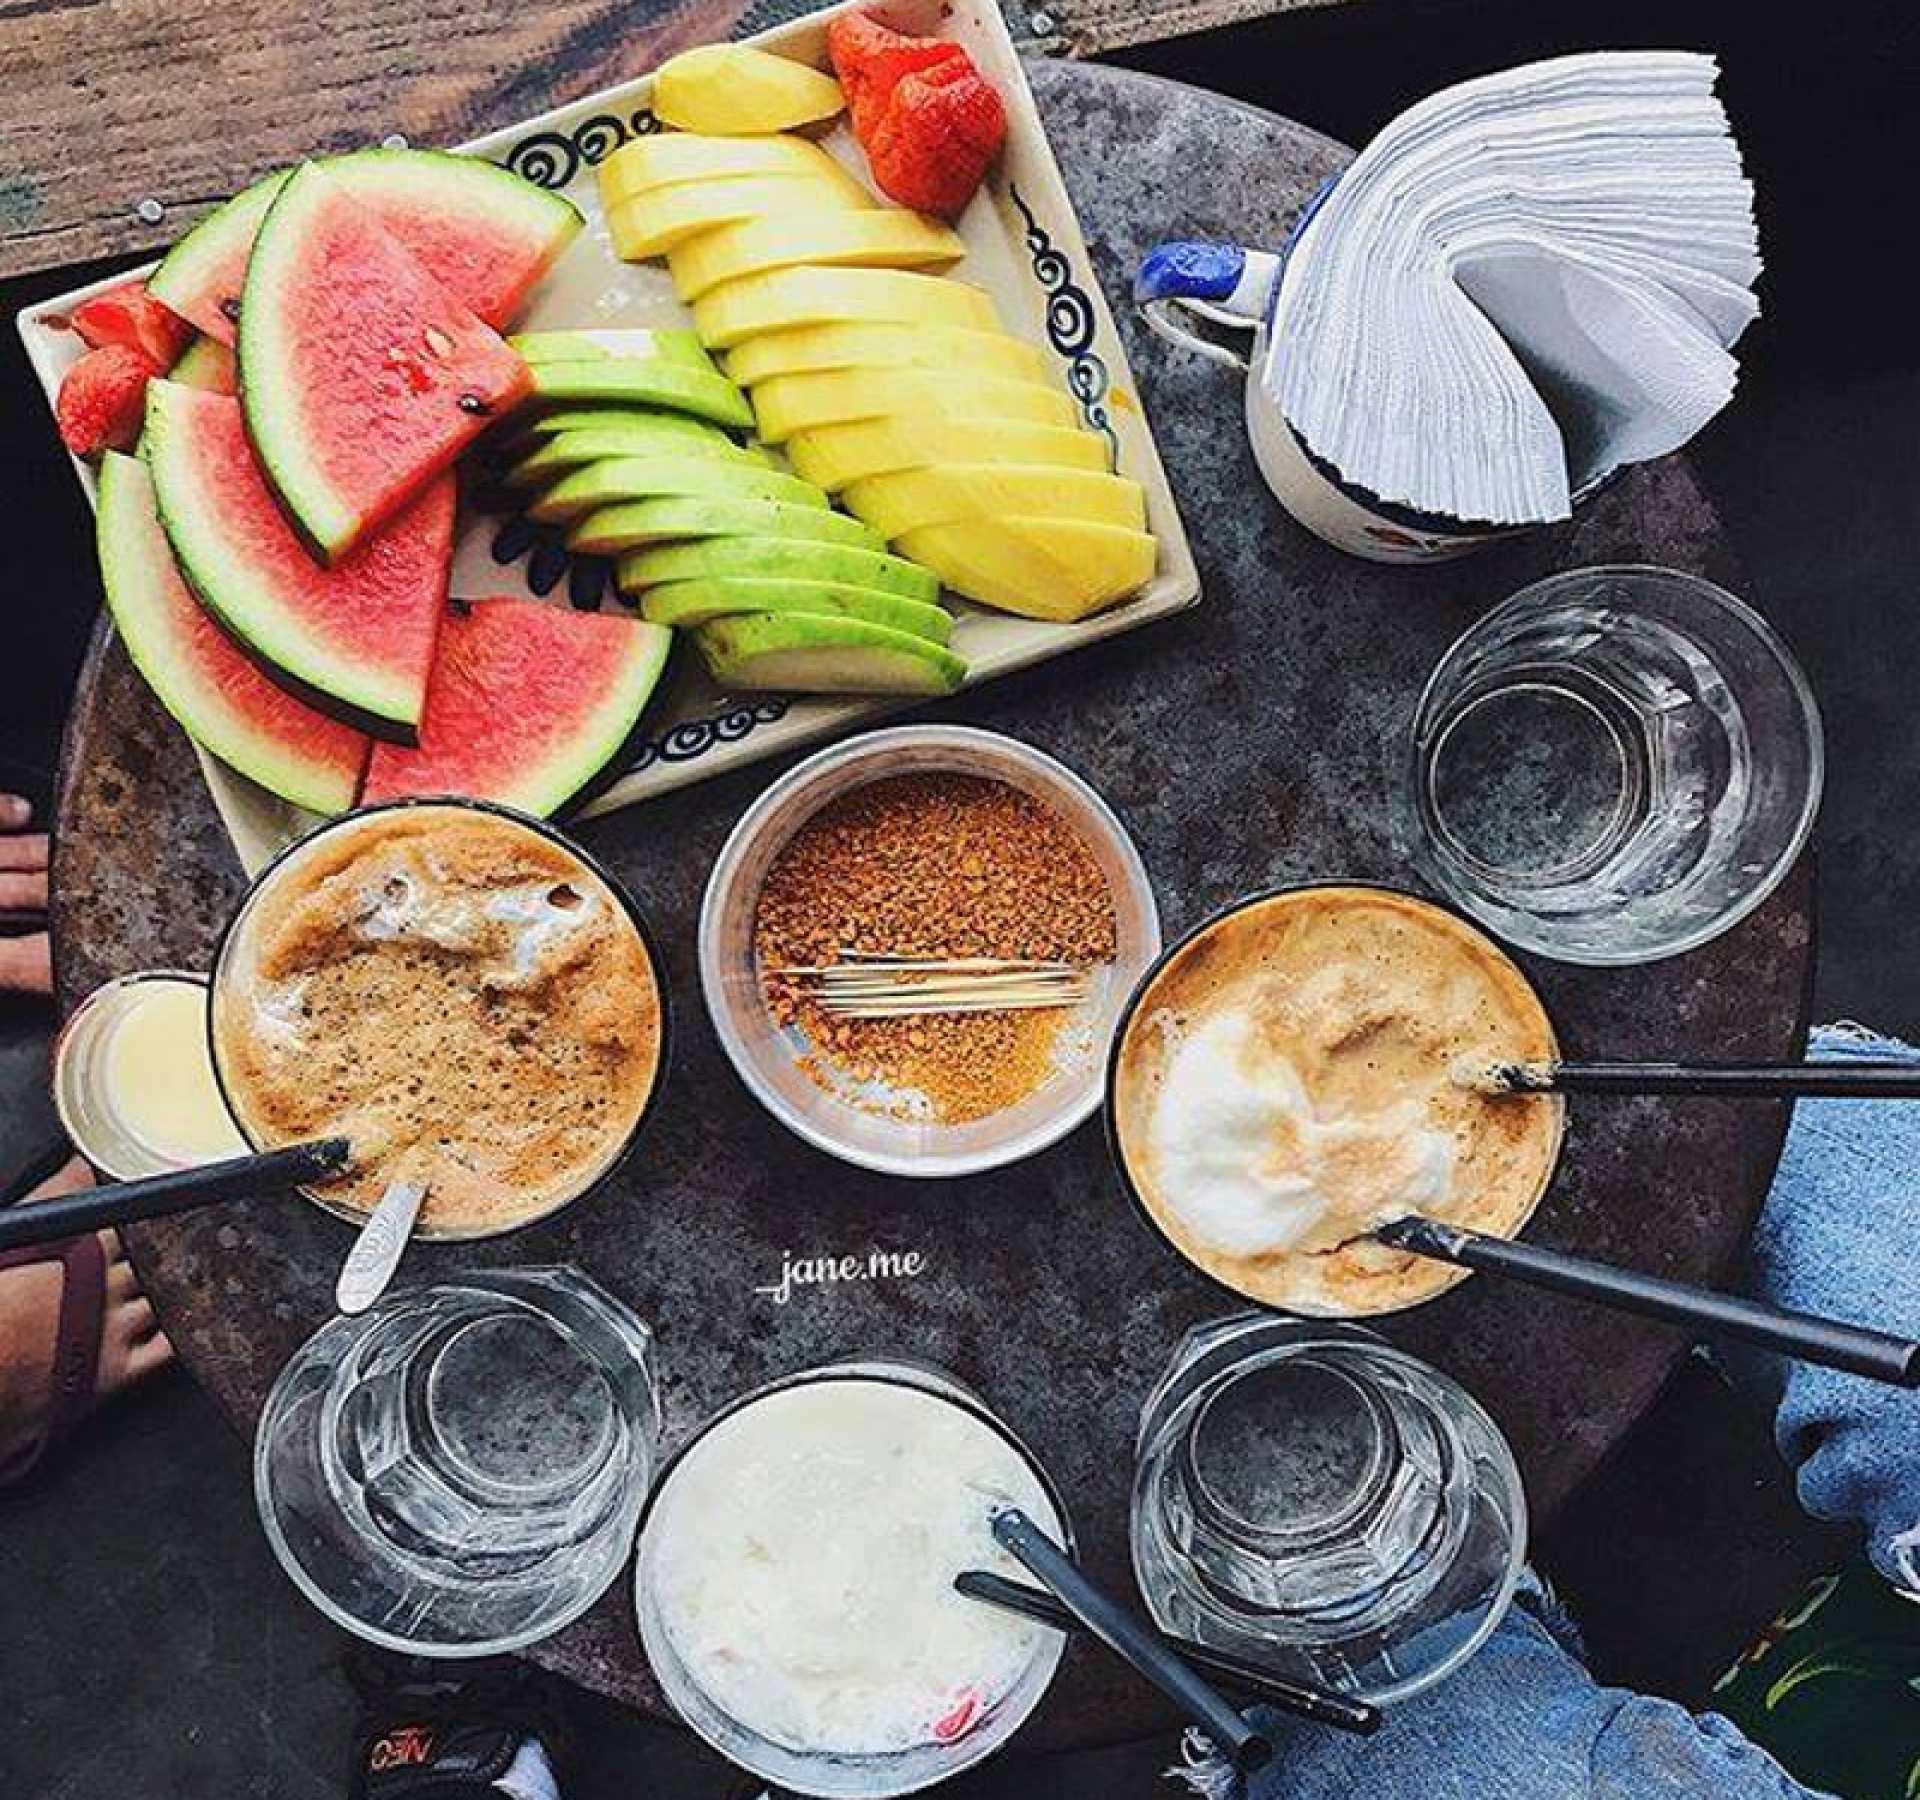 【正宗道地的越南咖啡】Cộng Cà Phê 共產咖啡現金券